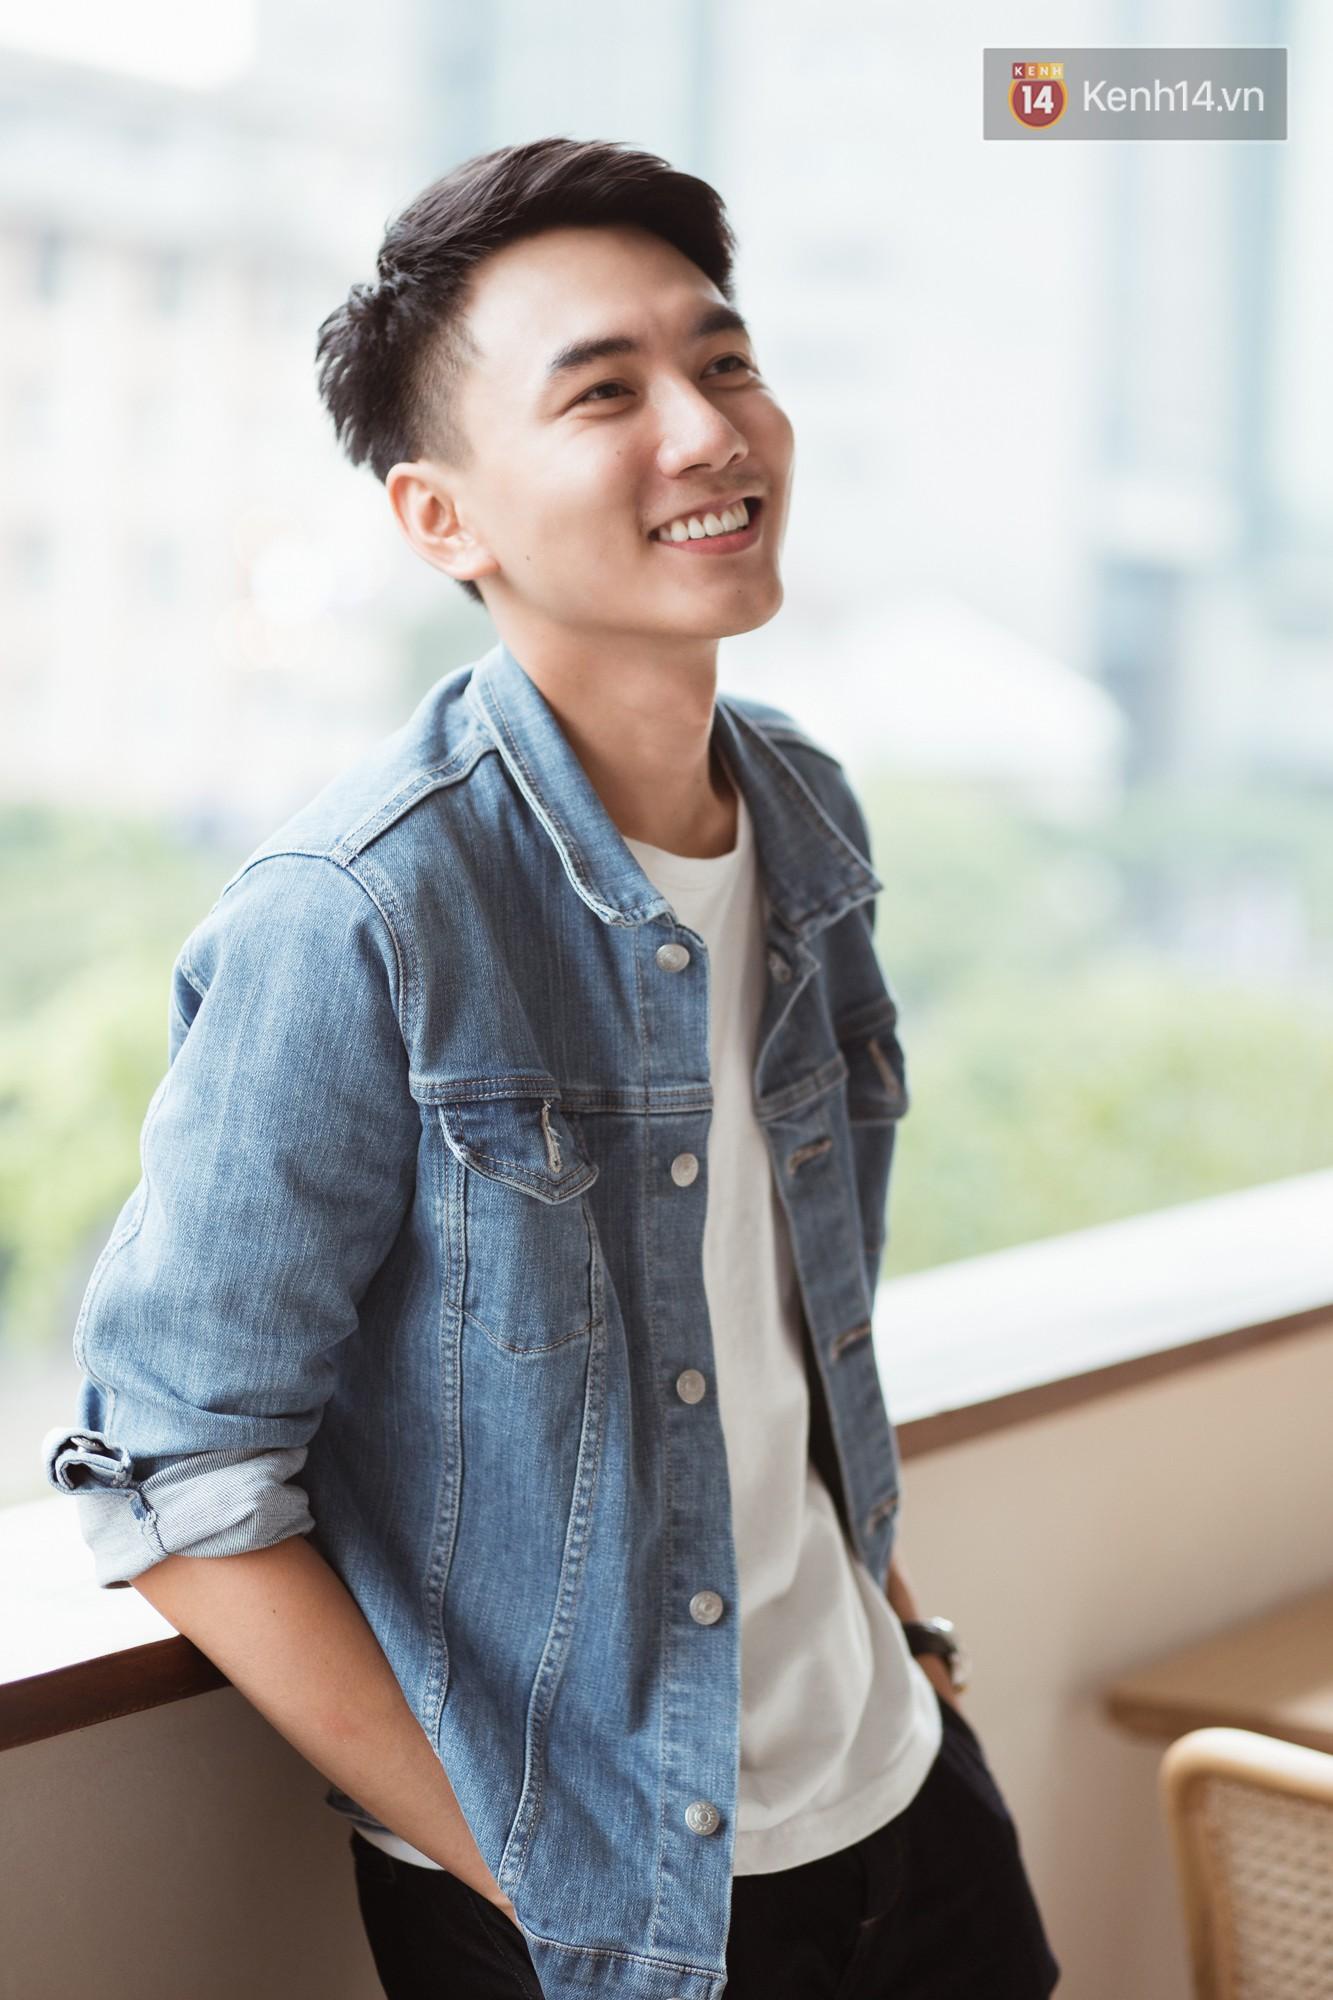 Blogger điển trai Khoai Lang Thang tiết lộ từng bị lừa tiền năm 18 tuổi, giàu hơn rất nhiều khi bỏ nghề kỹ sư để làm du lịch - Ảnh 1.